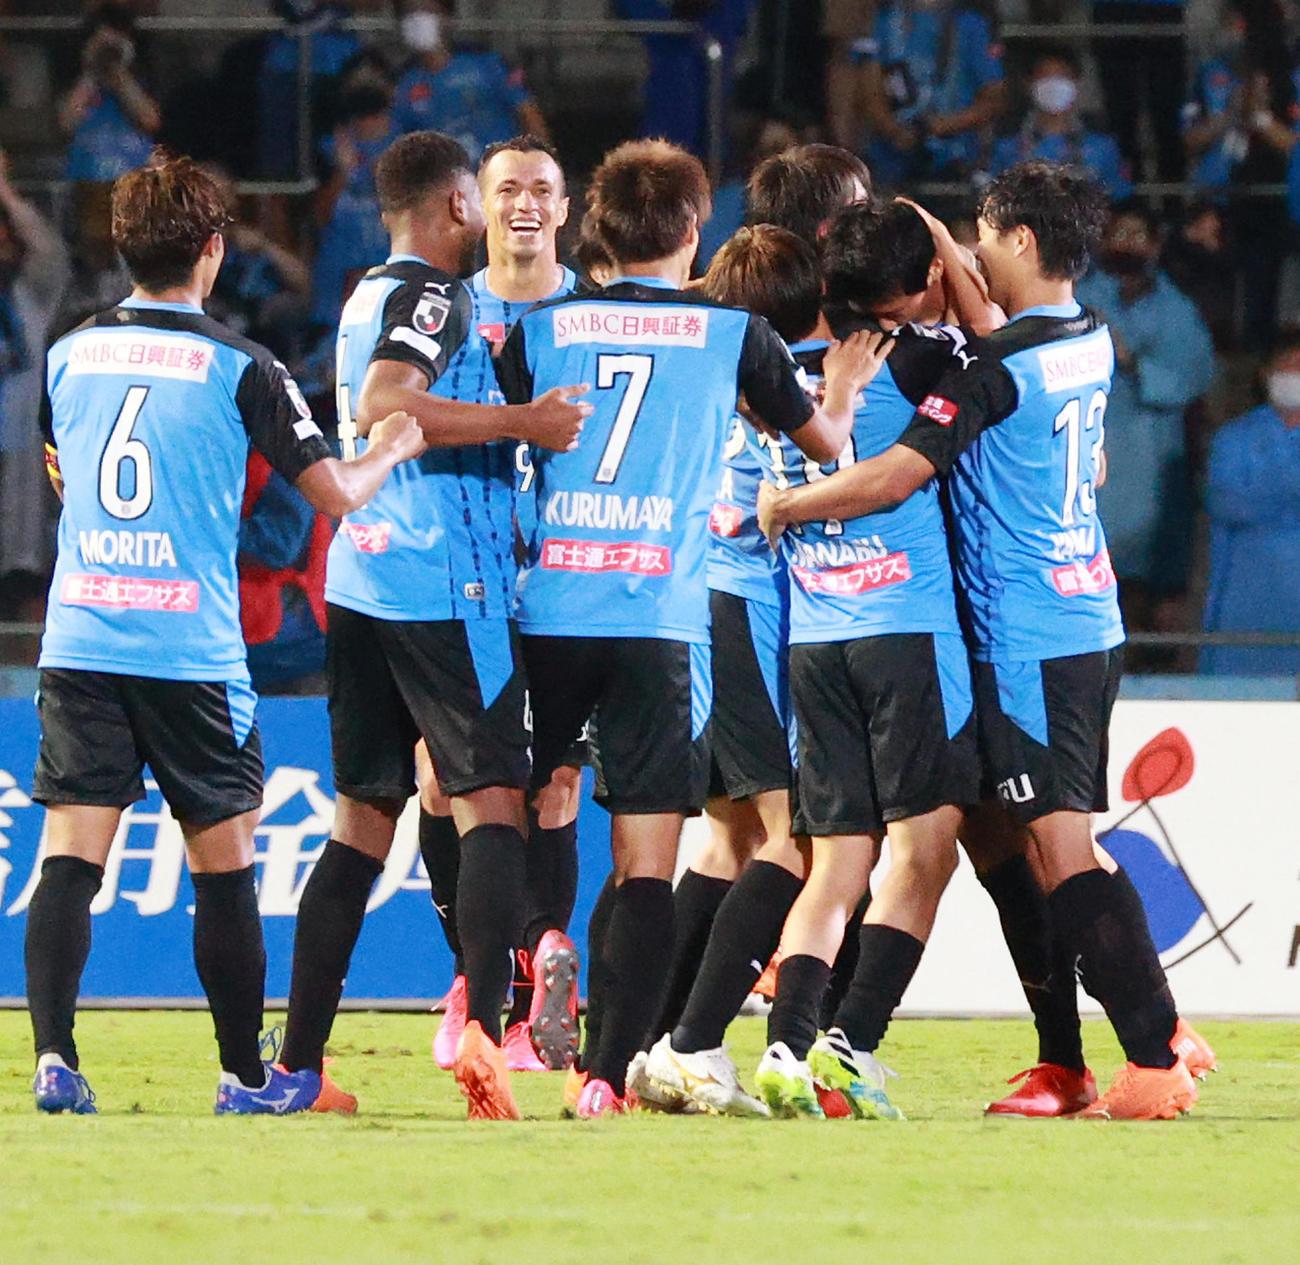 川崎F対広島 後半、川崎Fイレブンはゴールを決めたDF山村(右から2人目)を中心に輪をつくる(撮影・中島郁夫)